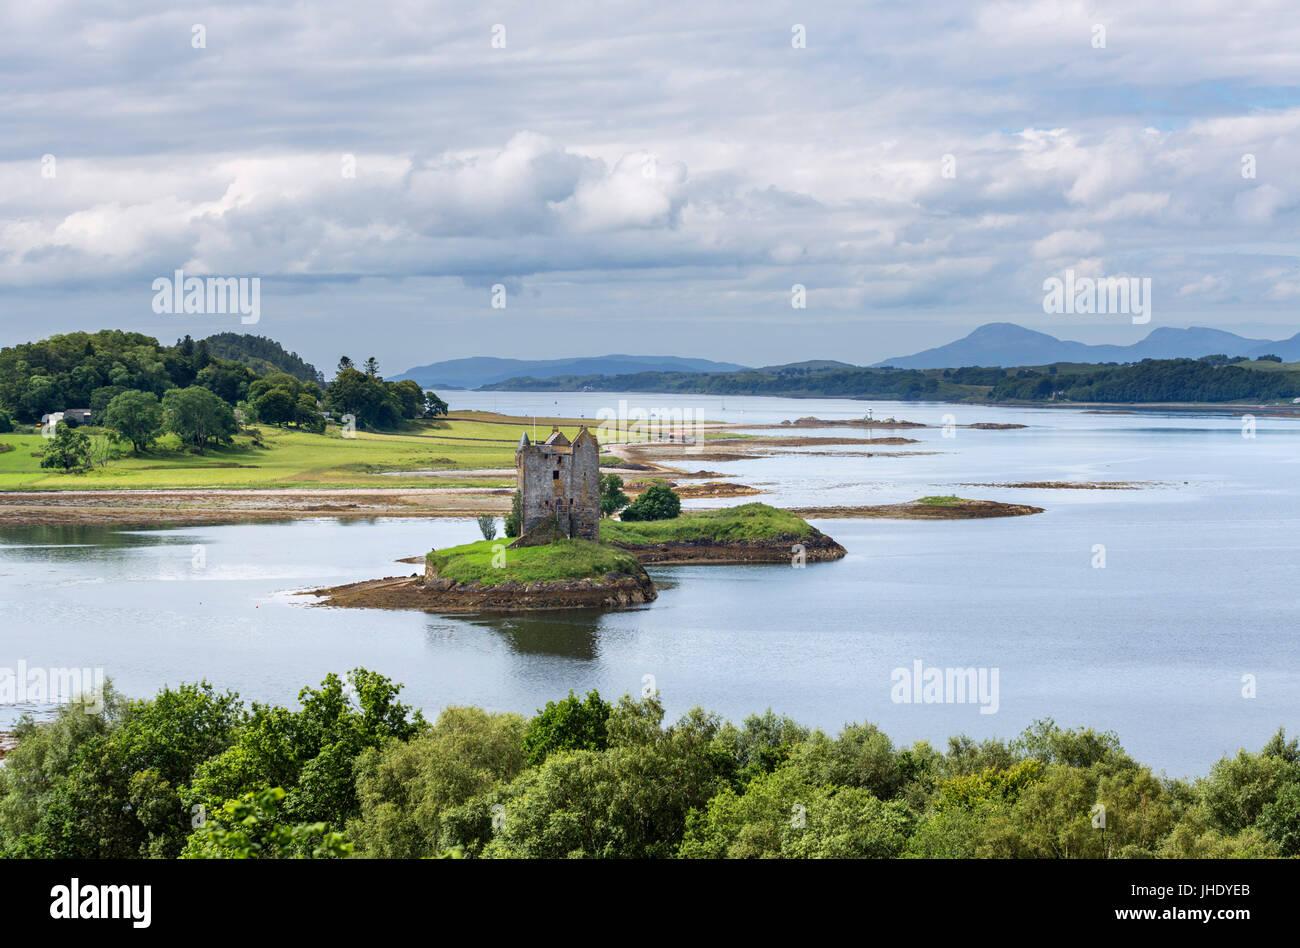 Castle Stalker, Loch latch, Port Appin, Argyll and Bute, Scotland, Regno Unito. Paesaggio scozzese / Paesaggi Immagini Stock